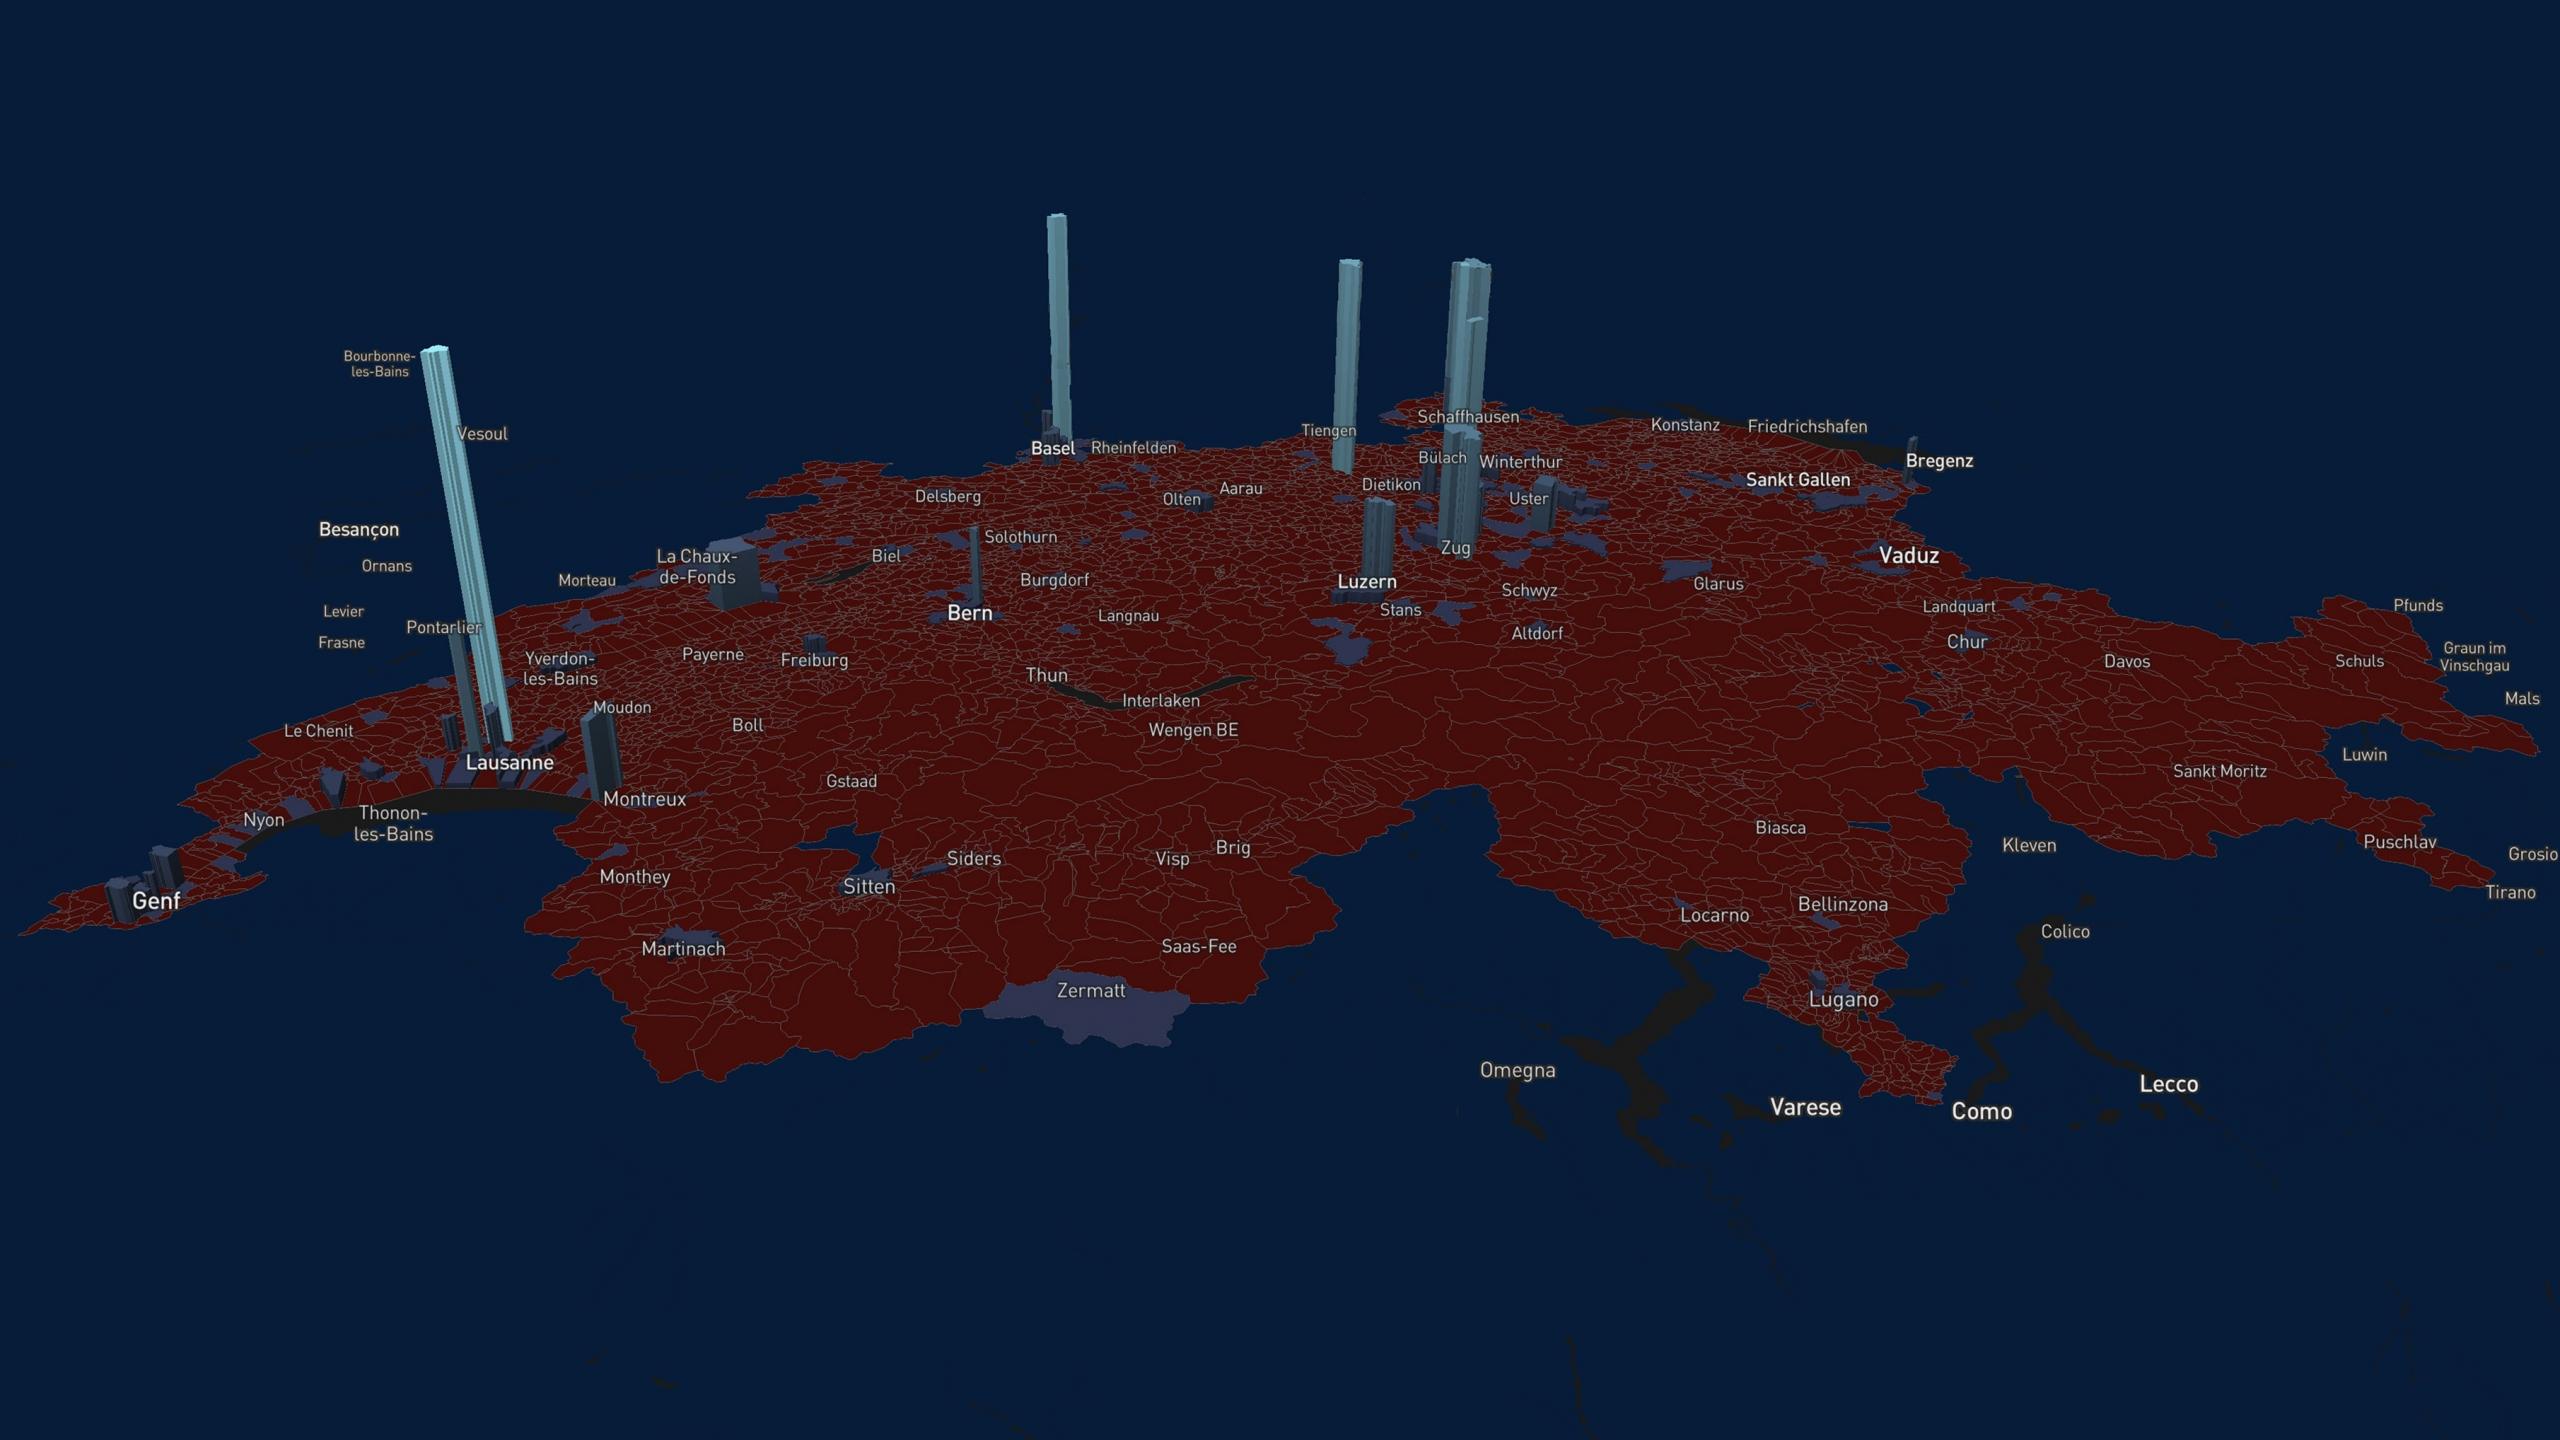 Atlas of Digitization